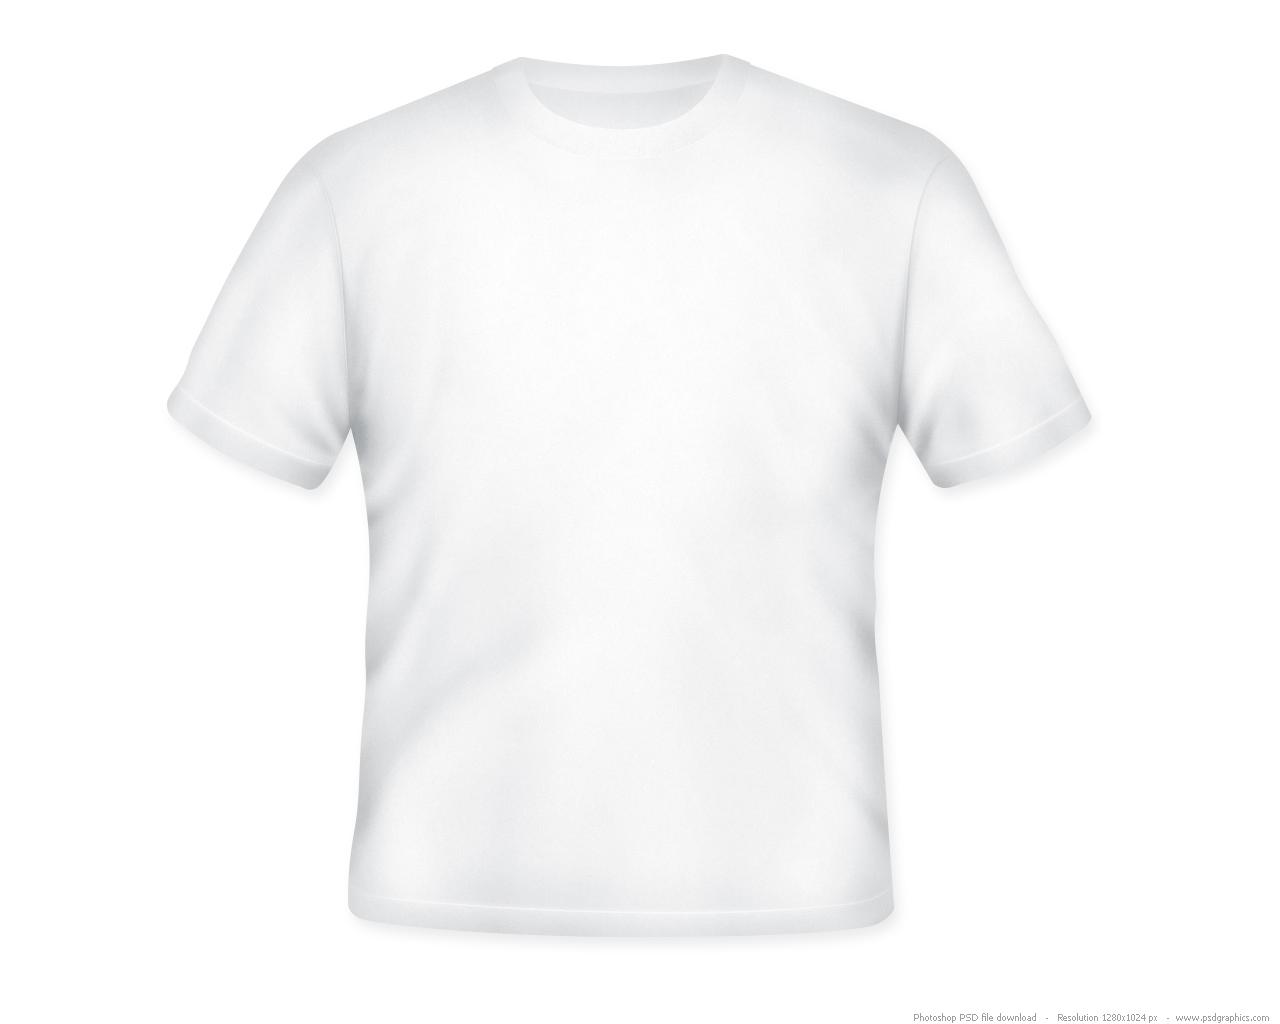 T-Shirt Designs: Blank t shirts